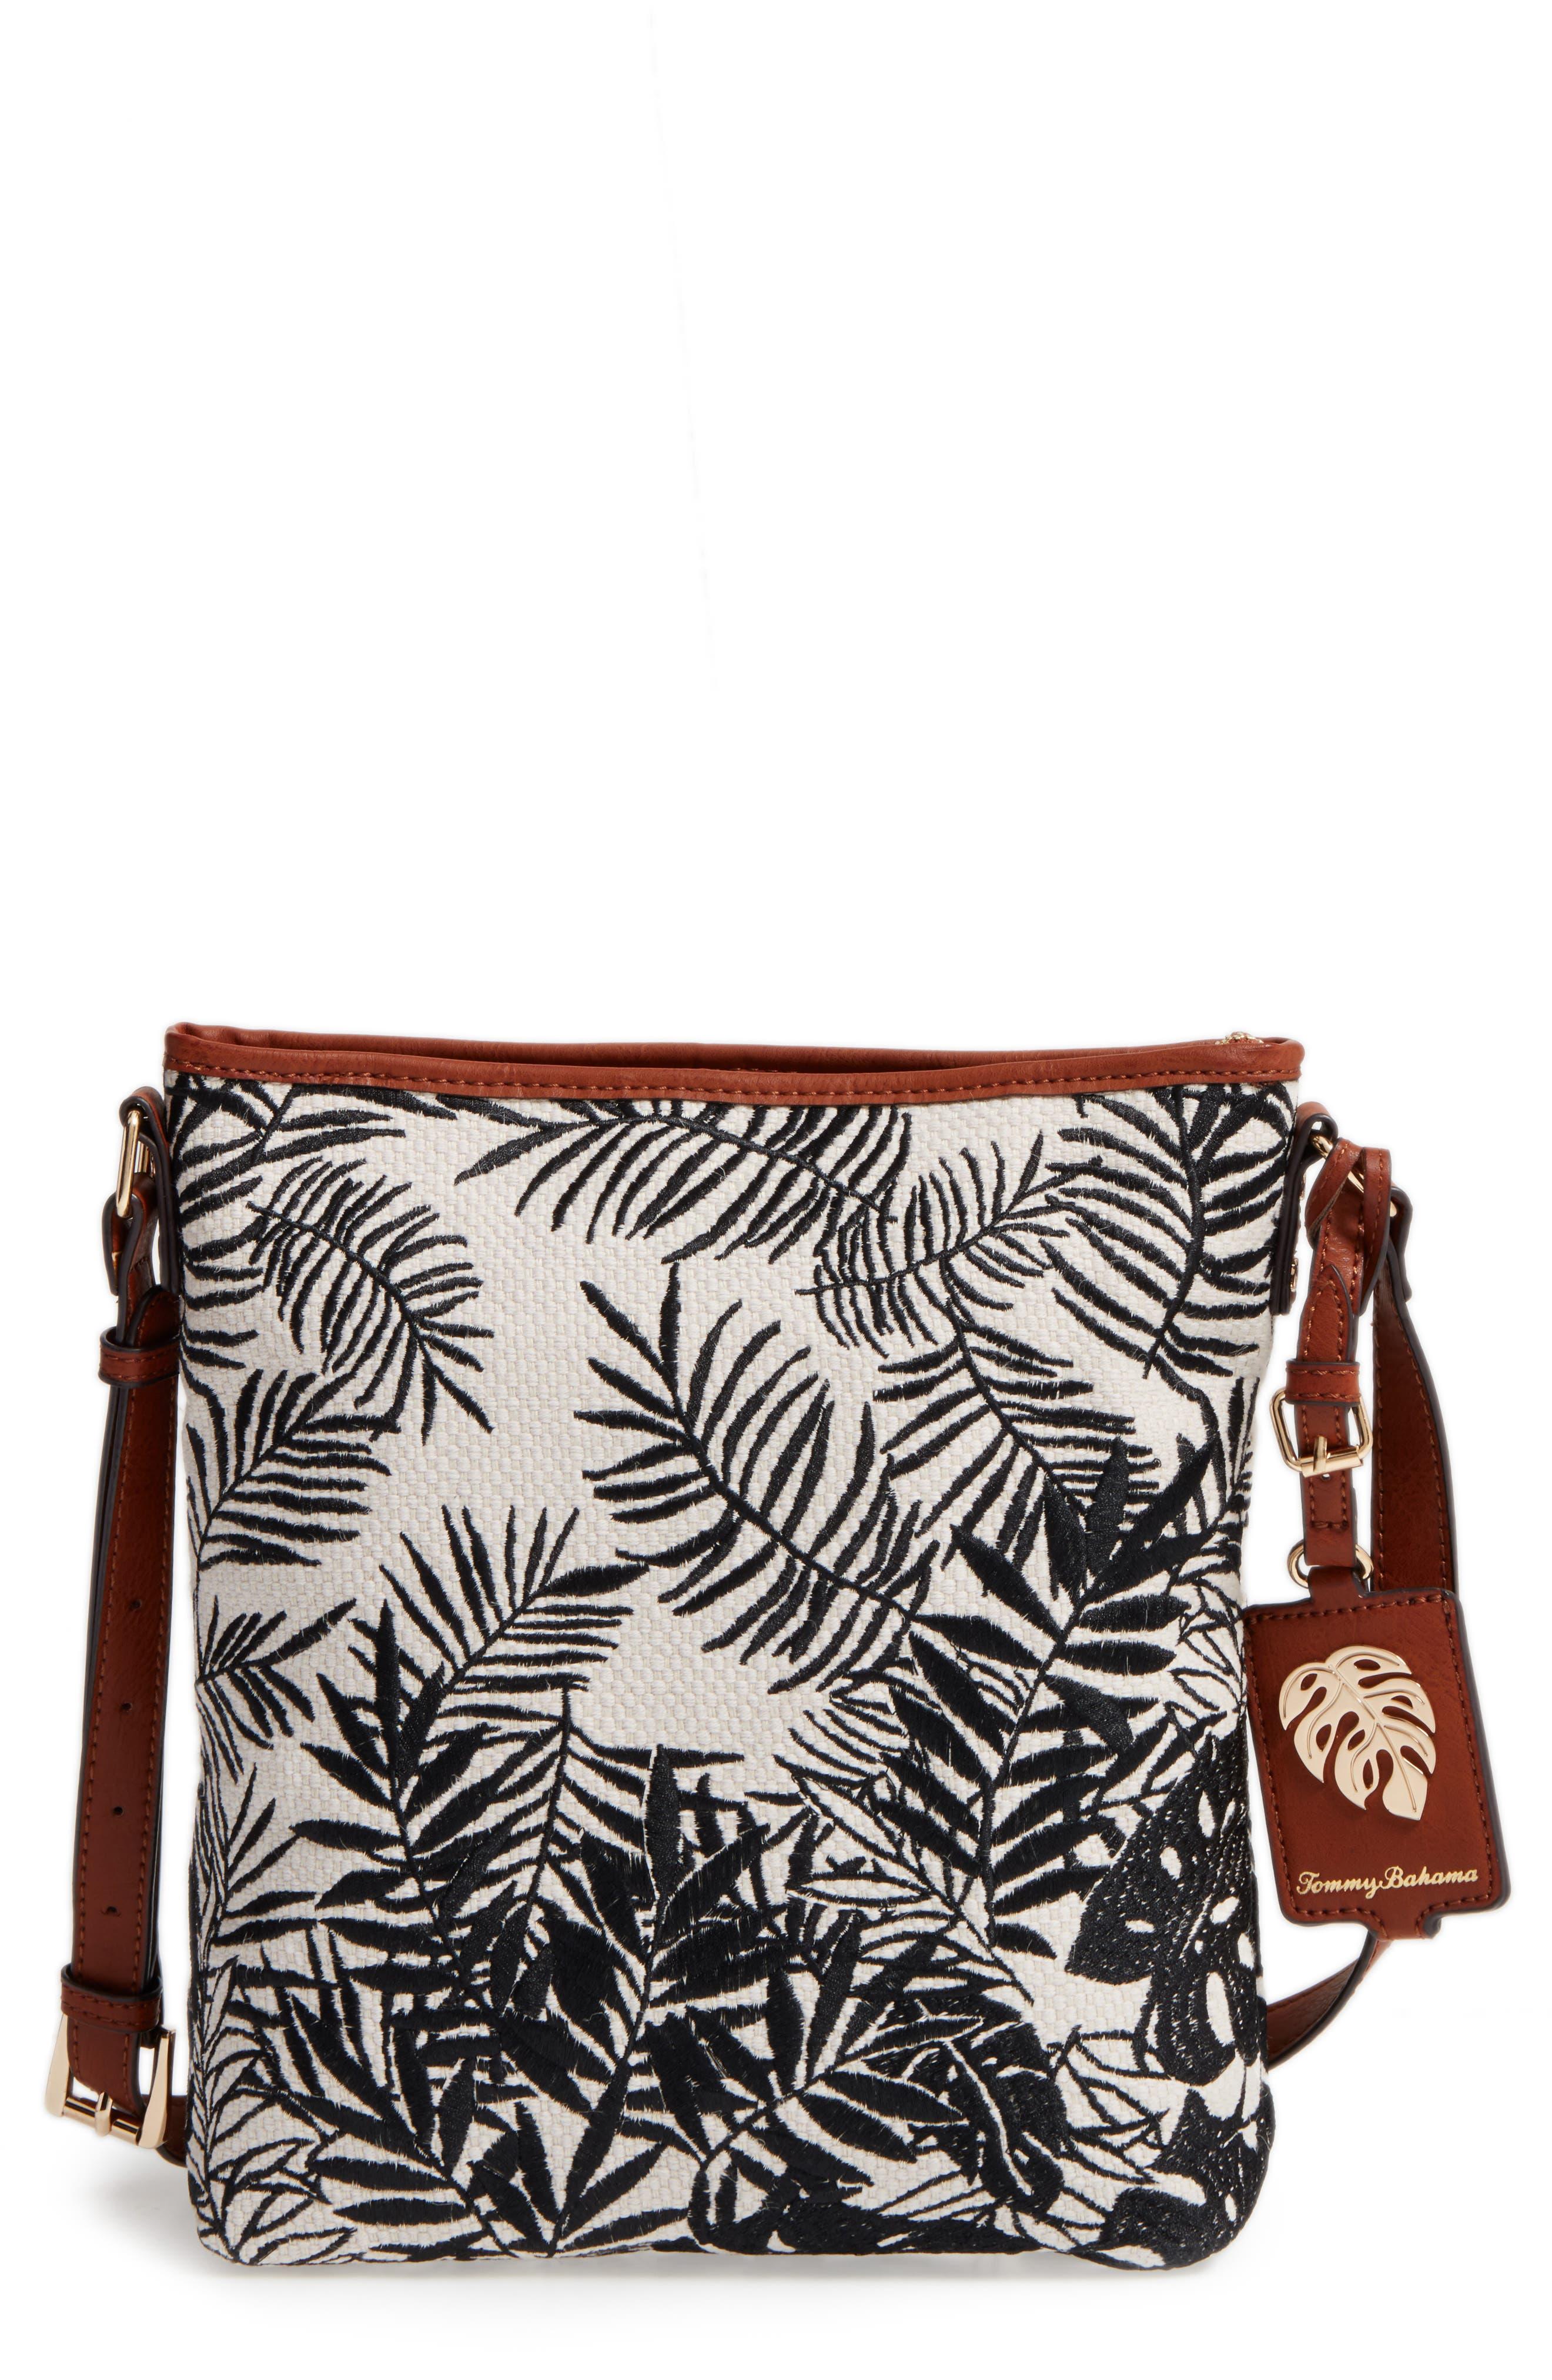 Palm Beach Crossbody Bag,                         Main,                         color, Black/ Cream